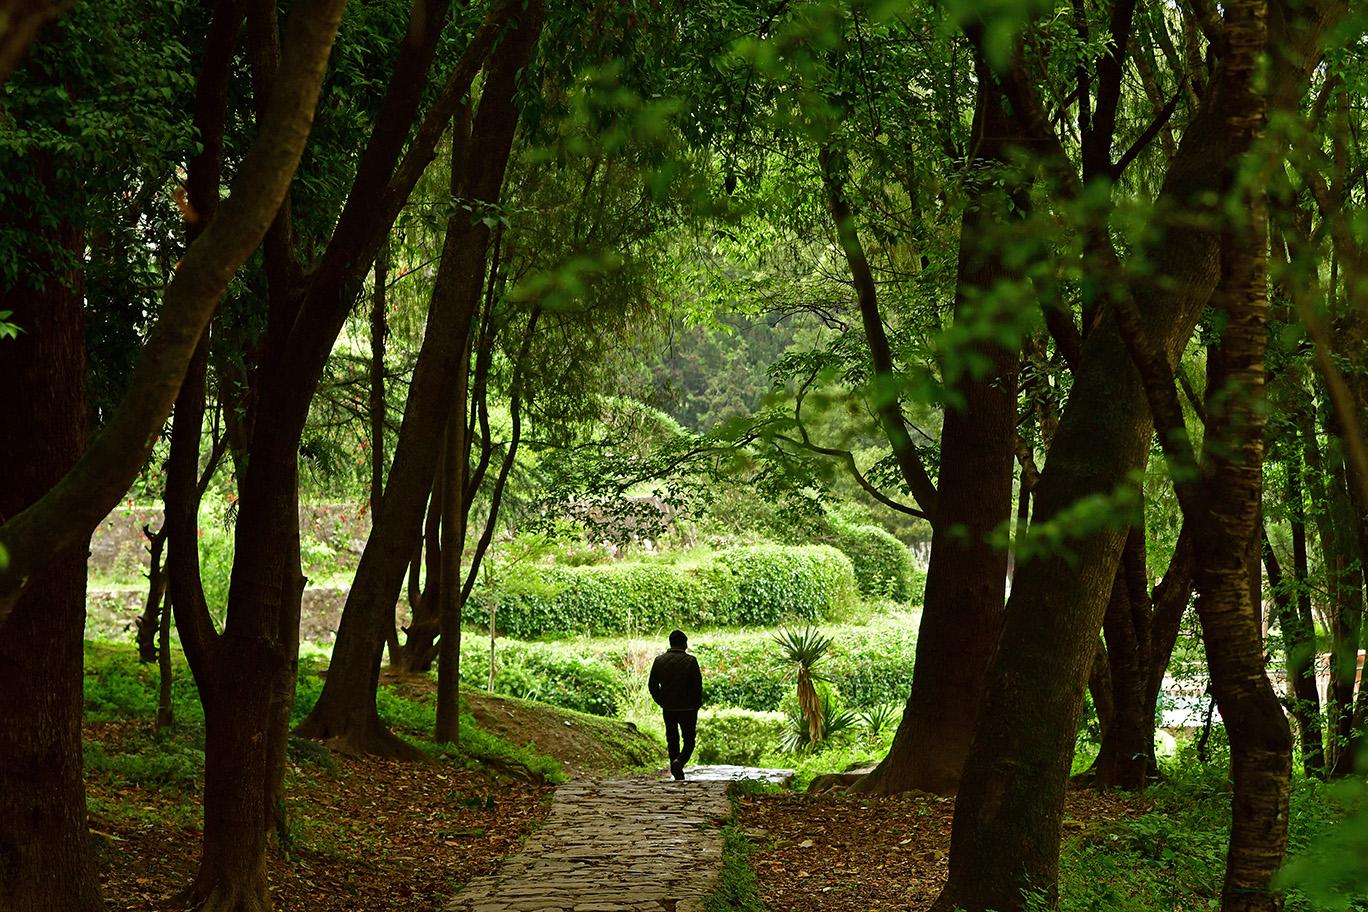 लकडाउनमा रमाइरहेको पार्क प्रकृति